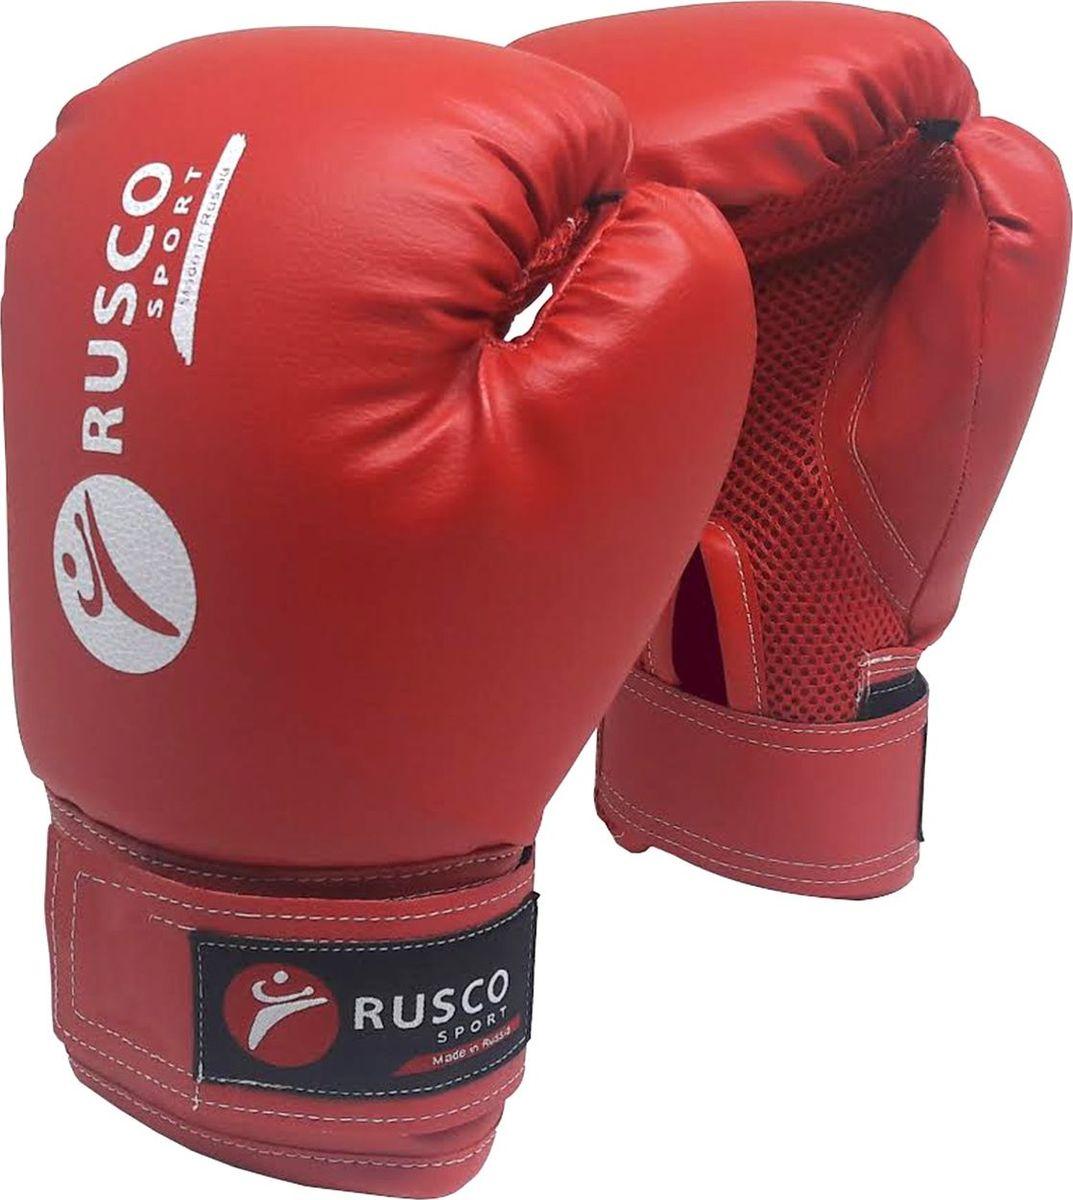 Перчатки боксерские Rusco, цвет: красный, 10 oz310996Перчатки боксерские, 10 oz, к/з - это боксерские перчатки красного цвета, которые широко используются начинающими спортсменами и юниорами на тренировках. Перчатки имеют мягкую набивку, специально разработанная удобная форма позволяет избежать травм во время тренировок и профессионально подготовиться к бою. Превосходно облегают кисть, следуя всем анатомическим изгибам ладони и запястья.